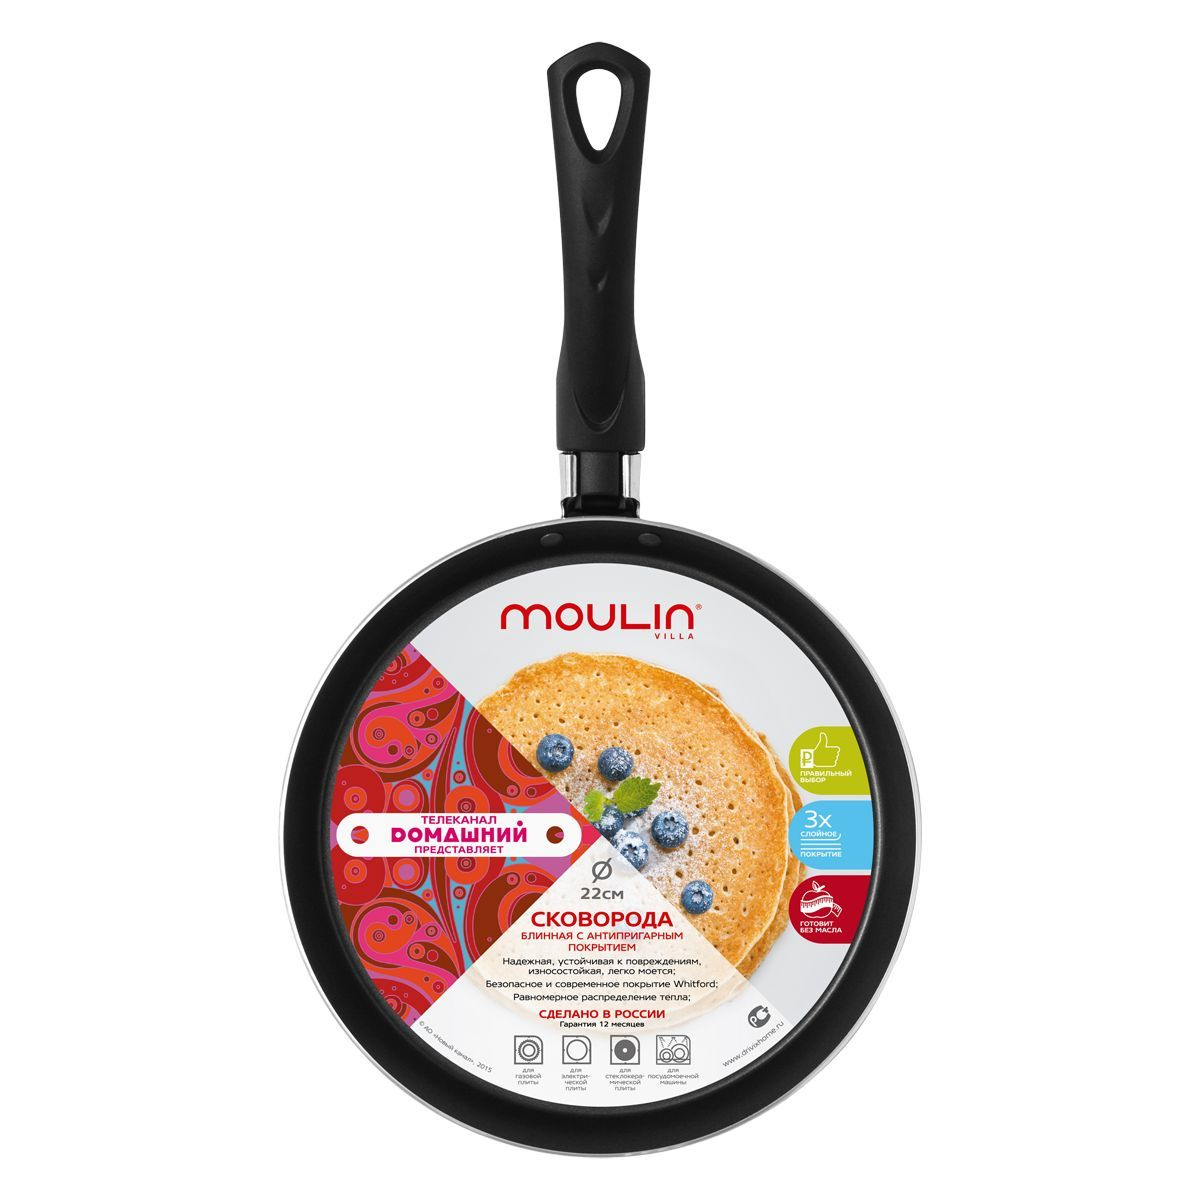 """Сковорода для блинов MoulinVilla """"Домашний"""" изготовлена из алюминия, который обеспечивает равномерный   нагрев. Трехслойное антипригарное покрытие WhitFord на внутренней поверхности посуды   полностью устраняет пригорание пищи и ее прилипание к стенкам и дну посуды. Обжаренная в   такой посуде пища отлично сохраняет свои вкусовые качества и имеет привлекательный,   аппетитный вид. Во время приготовления можно использовать минимальное количество масла и   жиров. Сковорода оснащена удобной бакелитовой ручкой с отверстием для подвешивания. Можно использовать на газовых, электрических и стеклокерамических плитах. Можно мыть в   посудомоечной машине.Диаметр сковороды (по верхнему краю): 22 см. Простой рецепт блинов на Масленицу – статья на OZON Гид."""